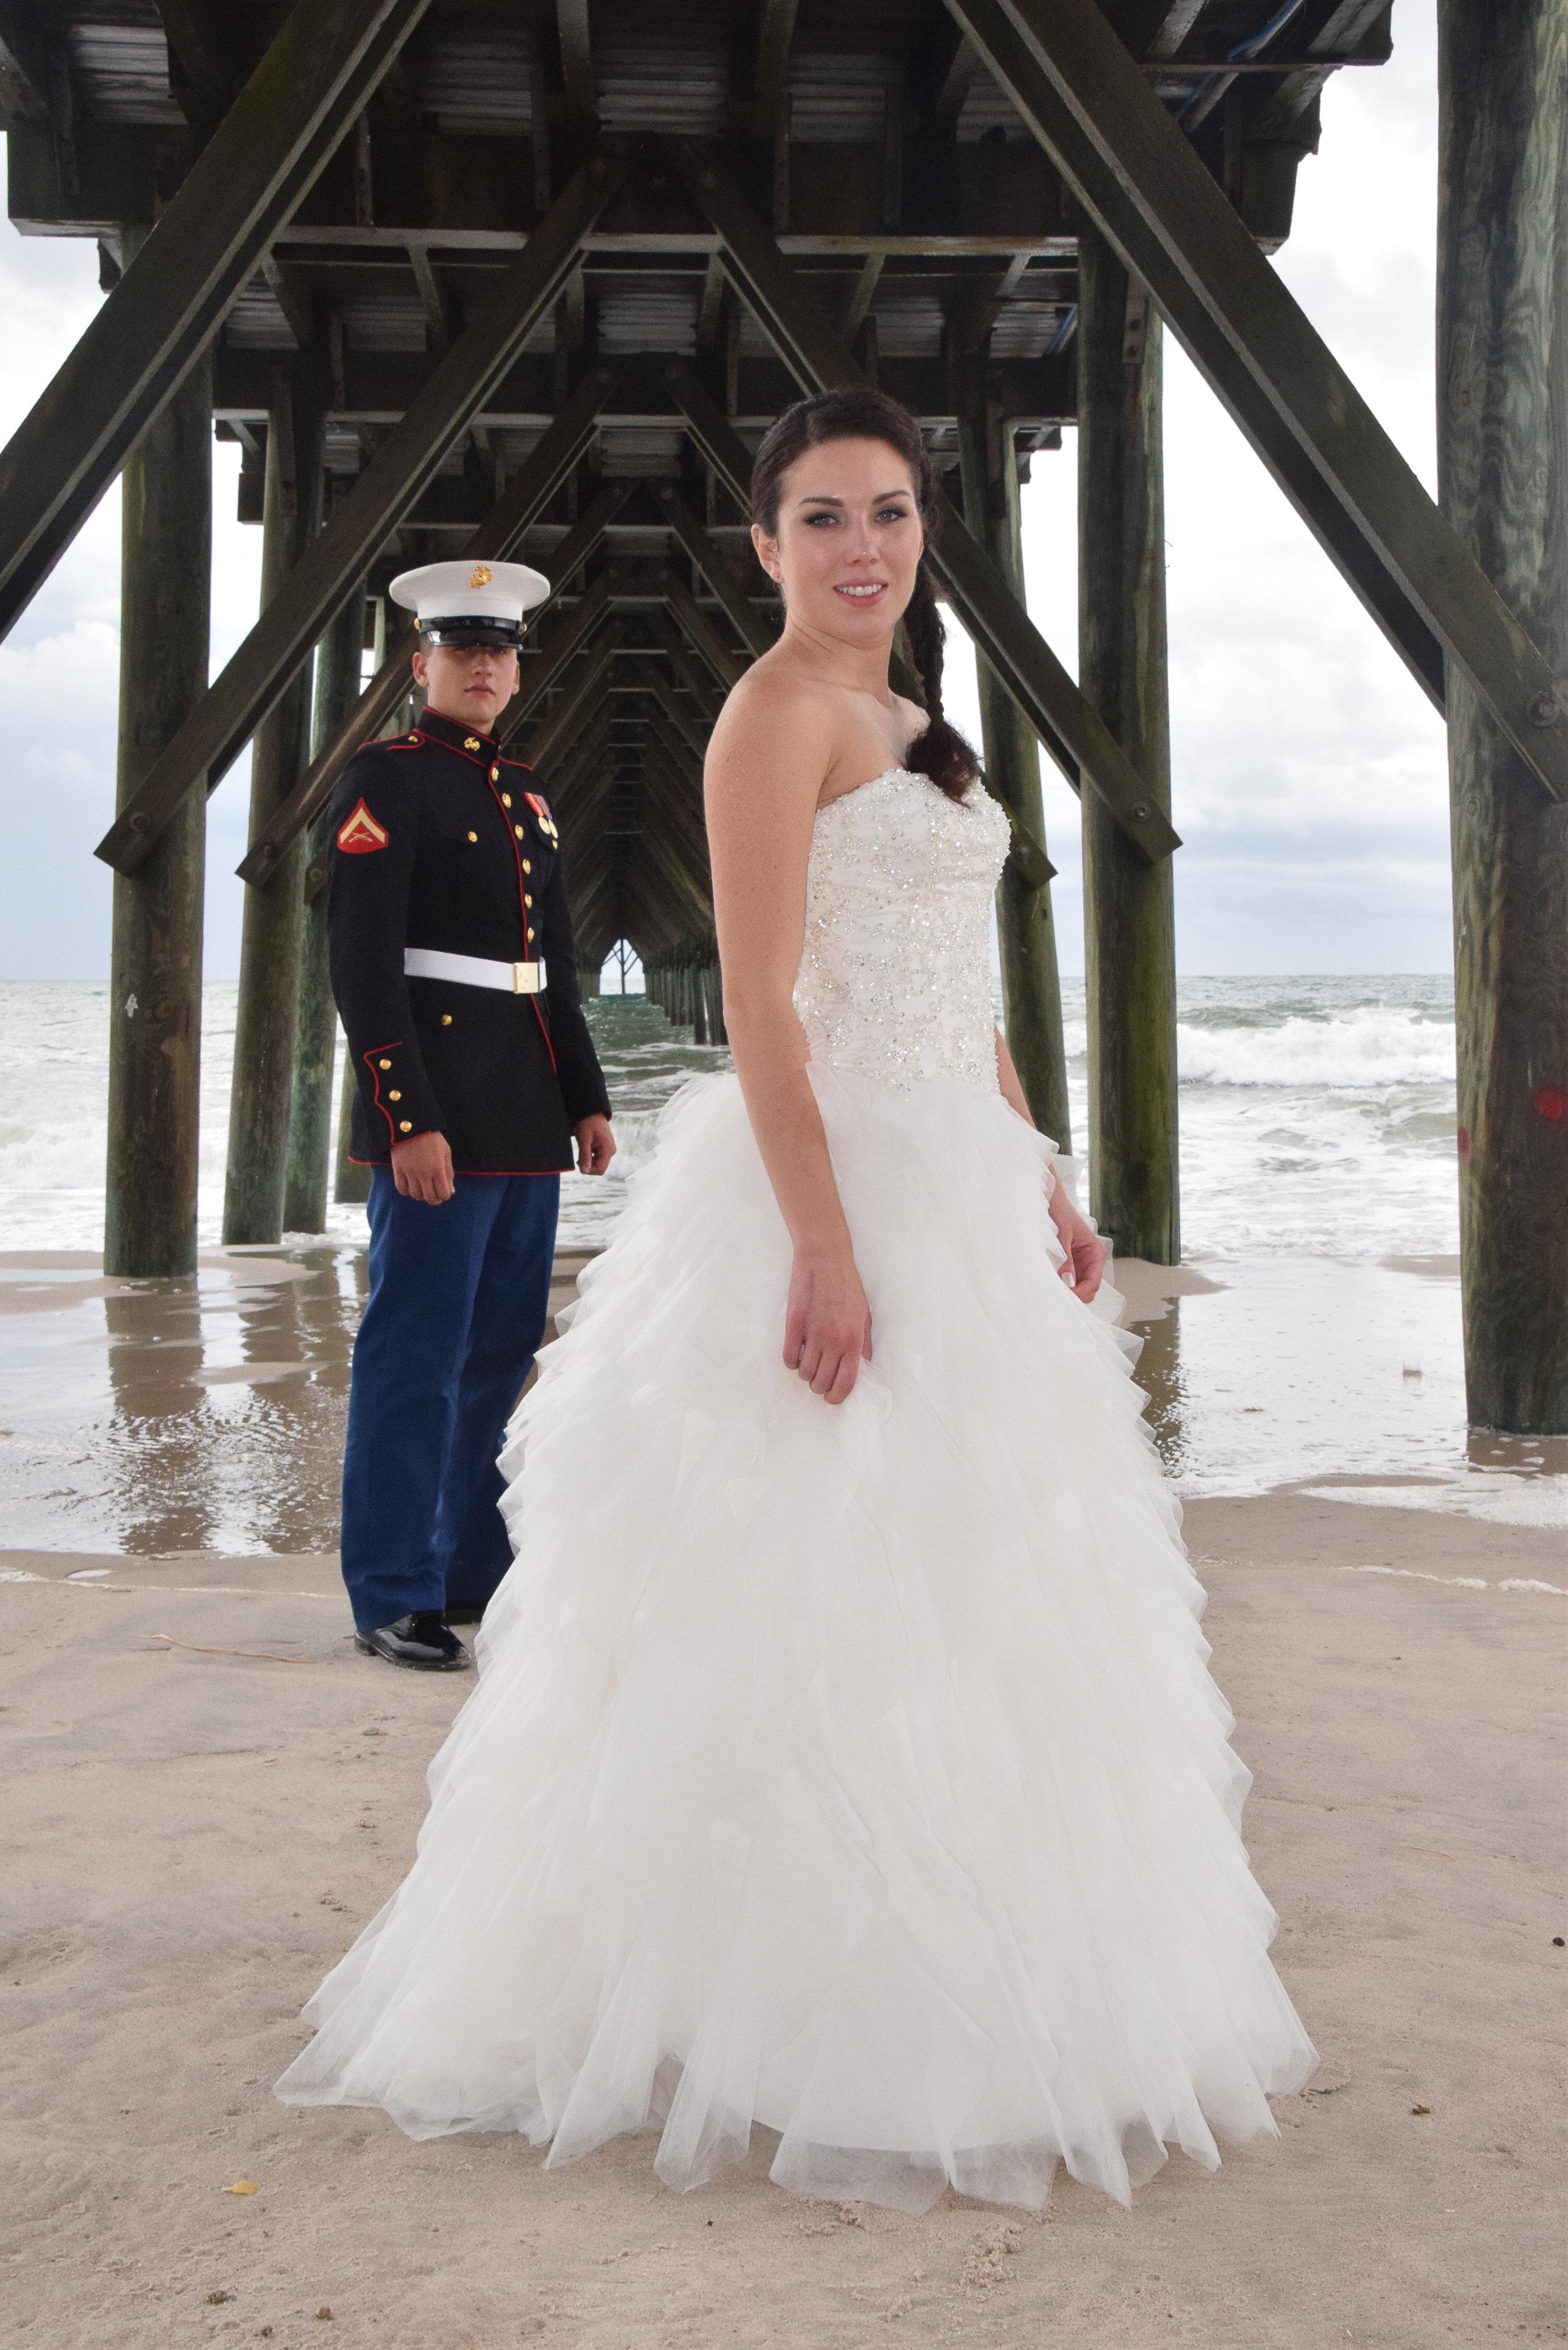 Bride and Groom under pier.